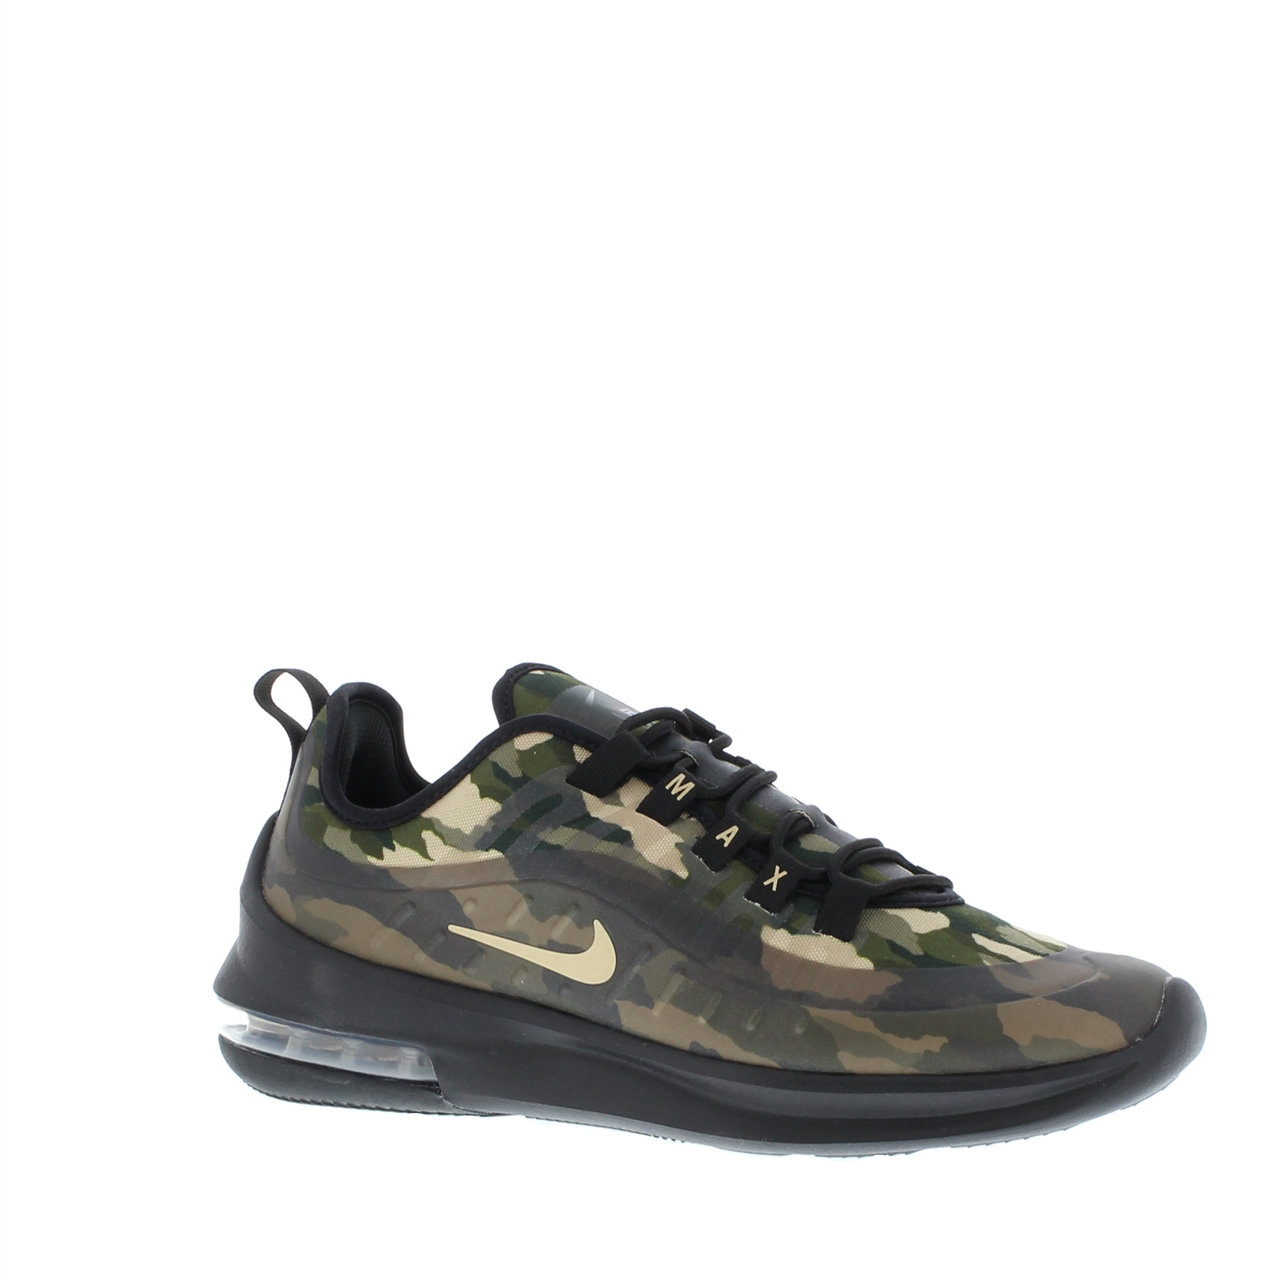 Nike air max axis camo